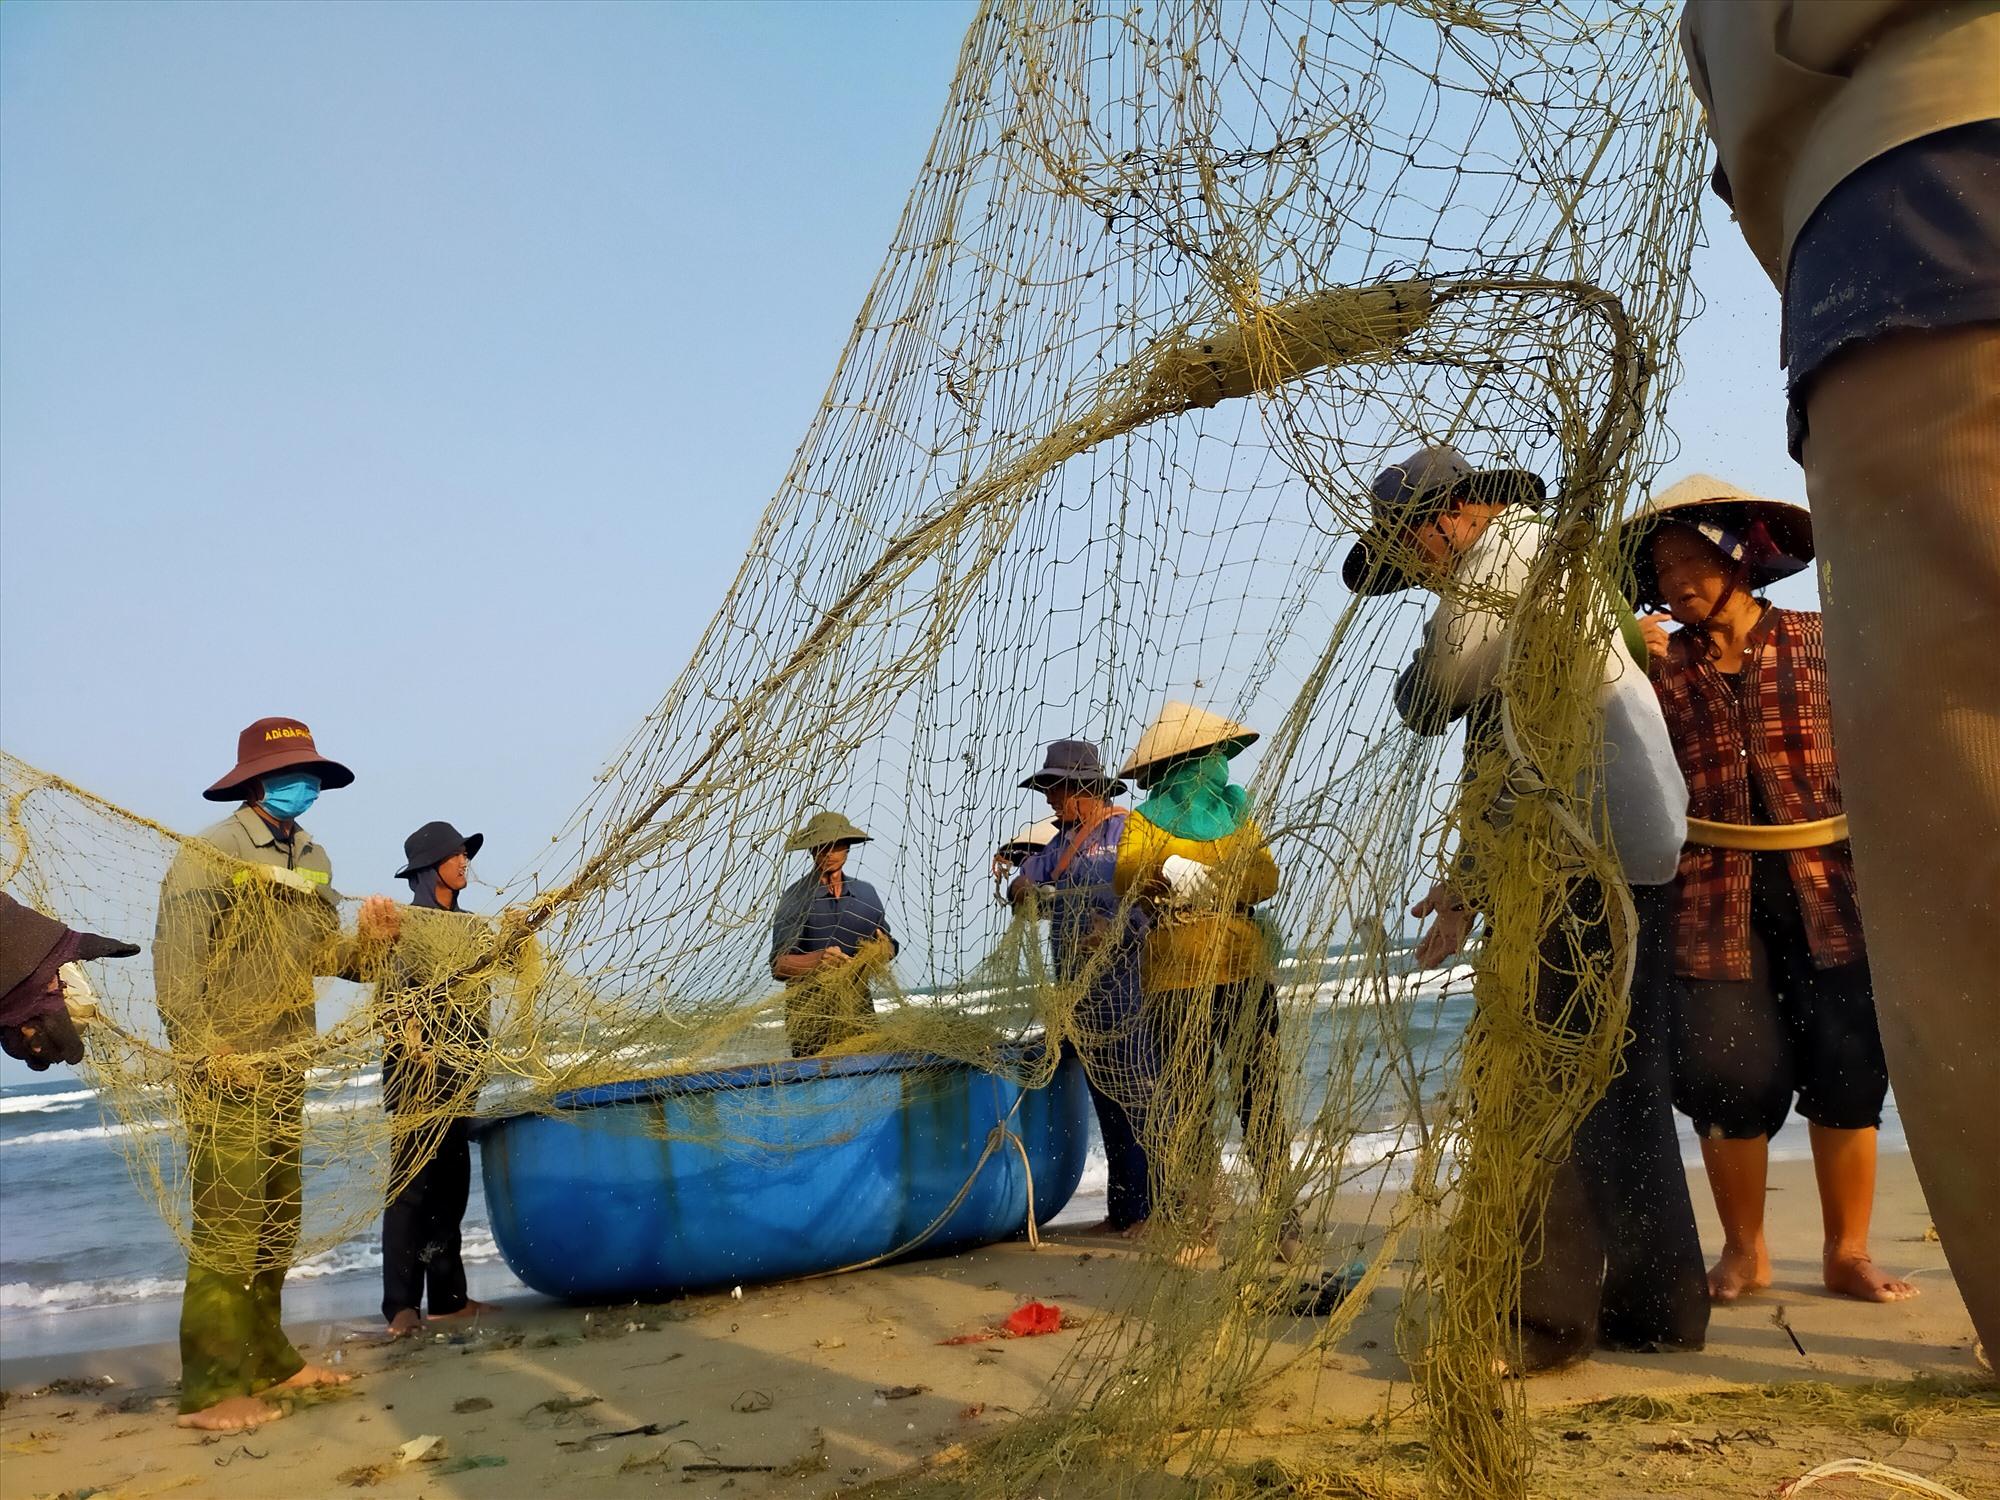 Kéo rùng là nghề truyền thống ở xã bãi ngang Duy Hải. Ảnh: TUẤN CHÂU